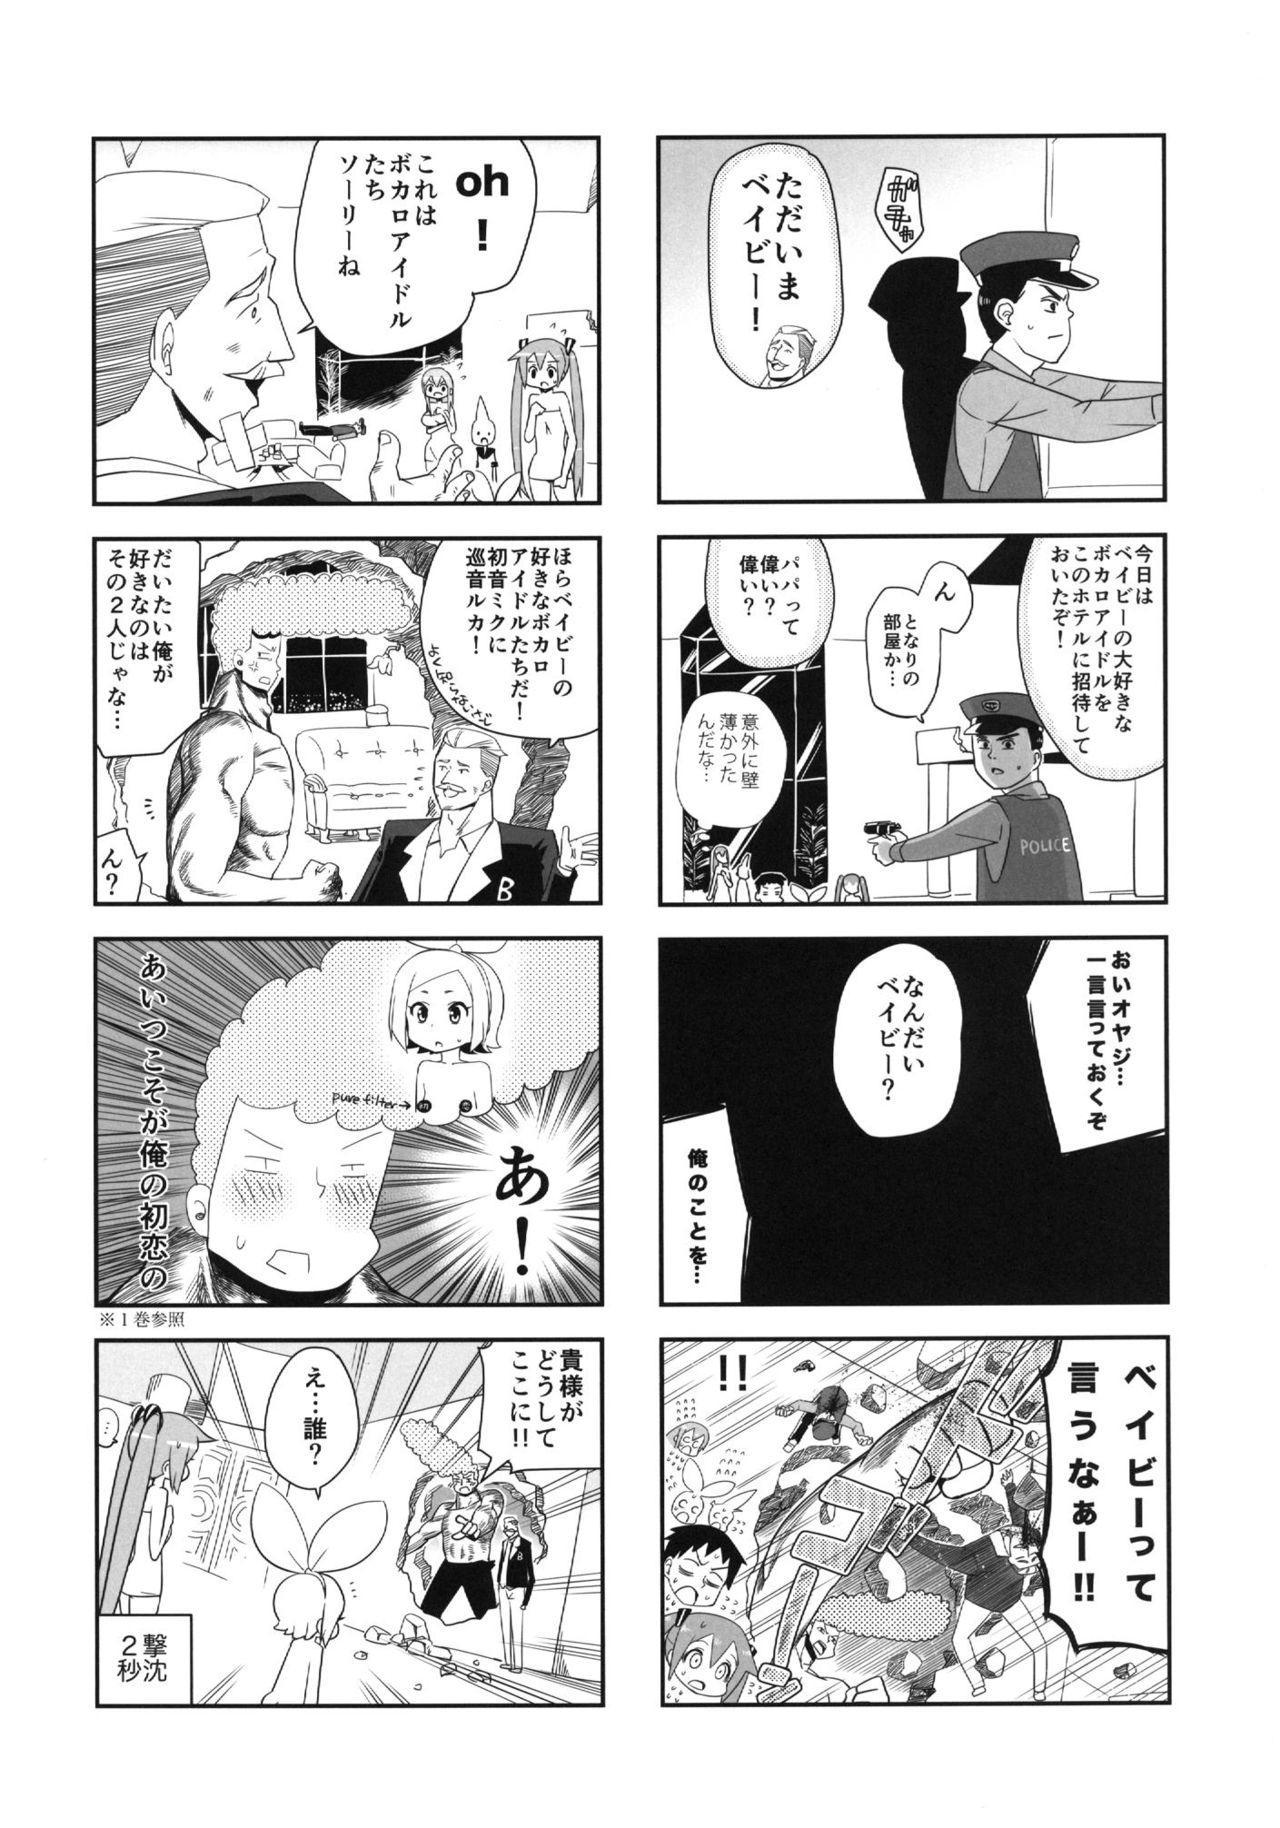 Mikkumiku na Hannou volume. 5 44